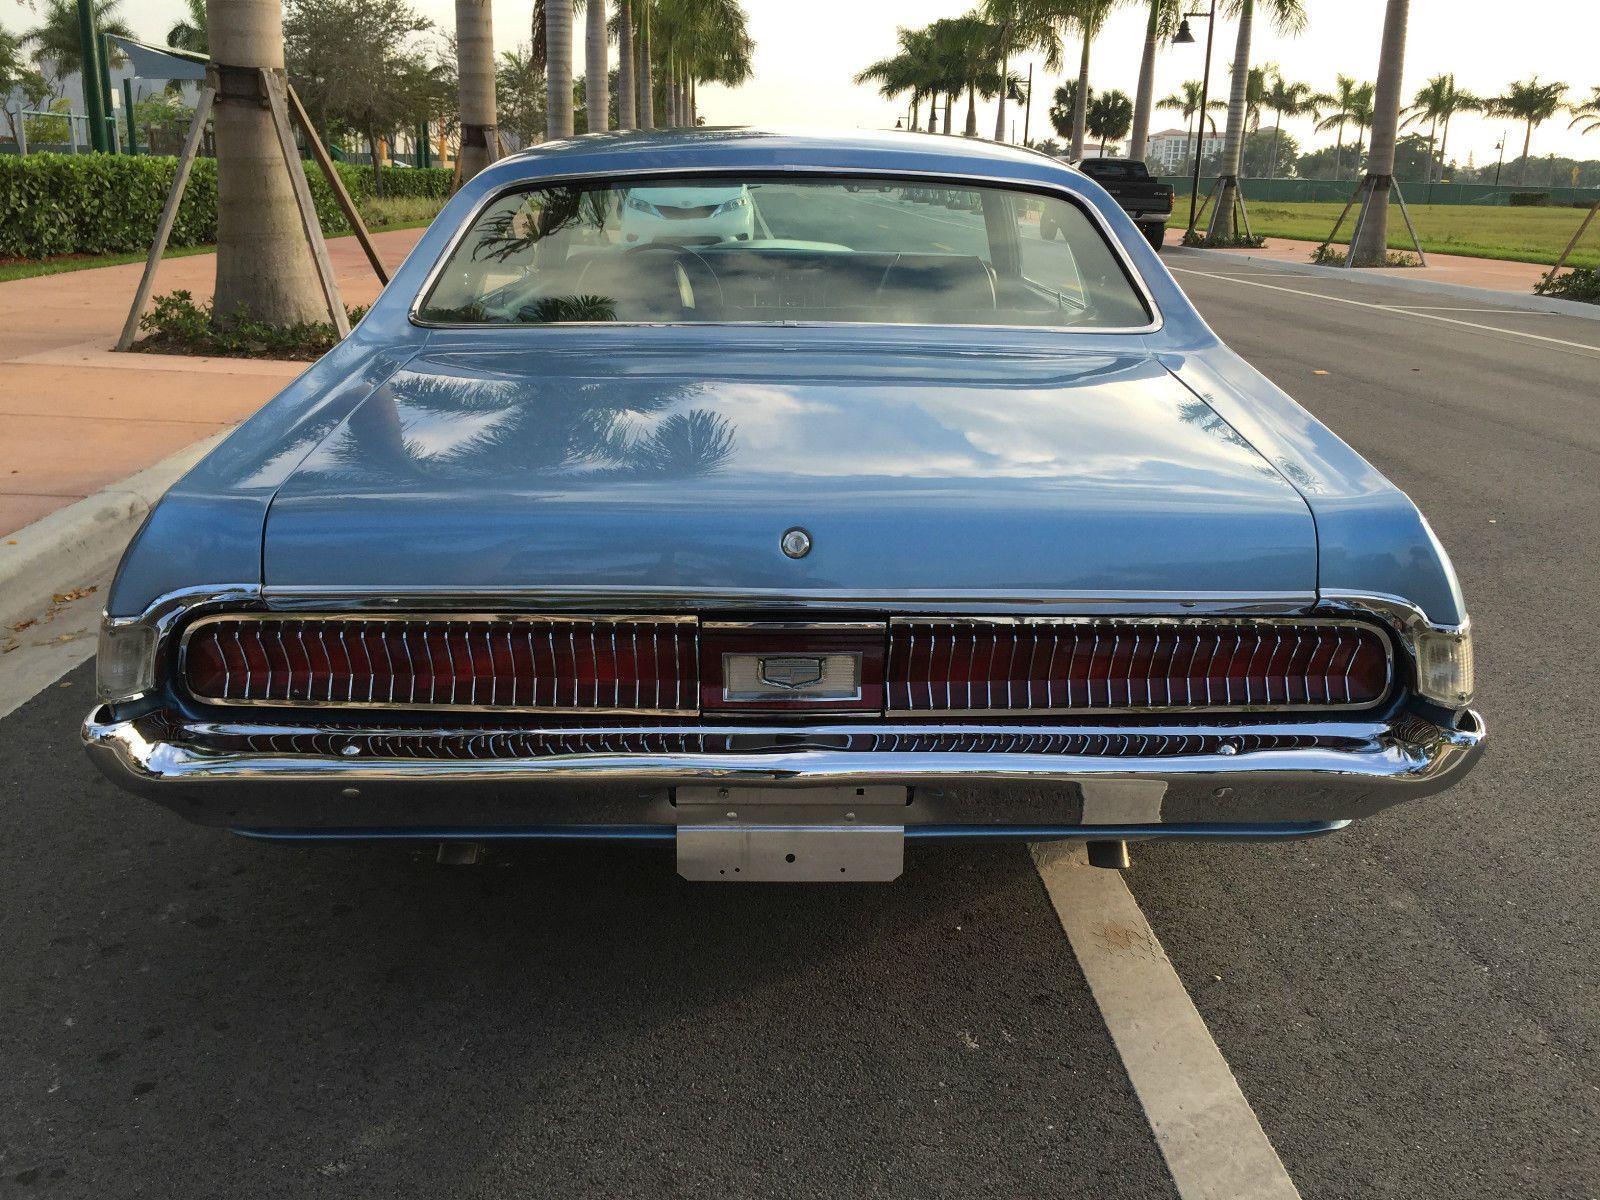 Details about 1969 mercury cougar xr7